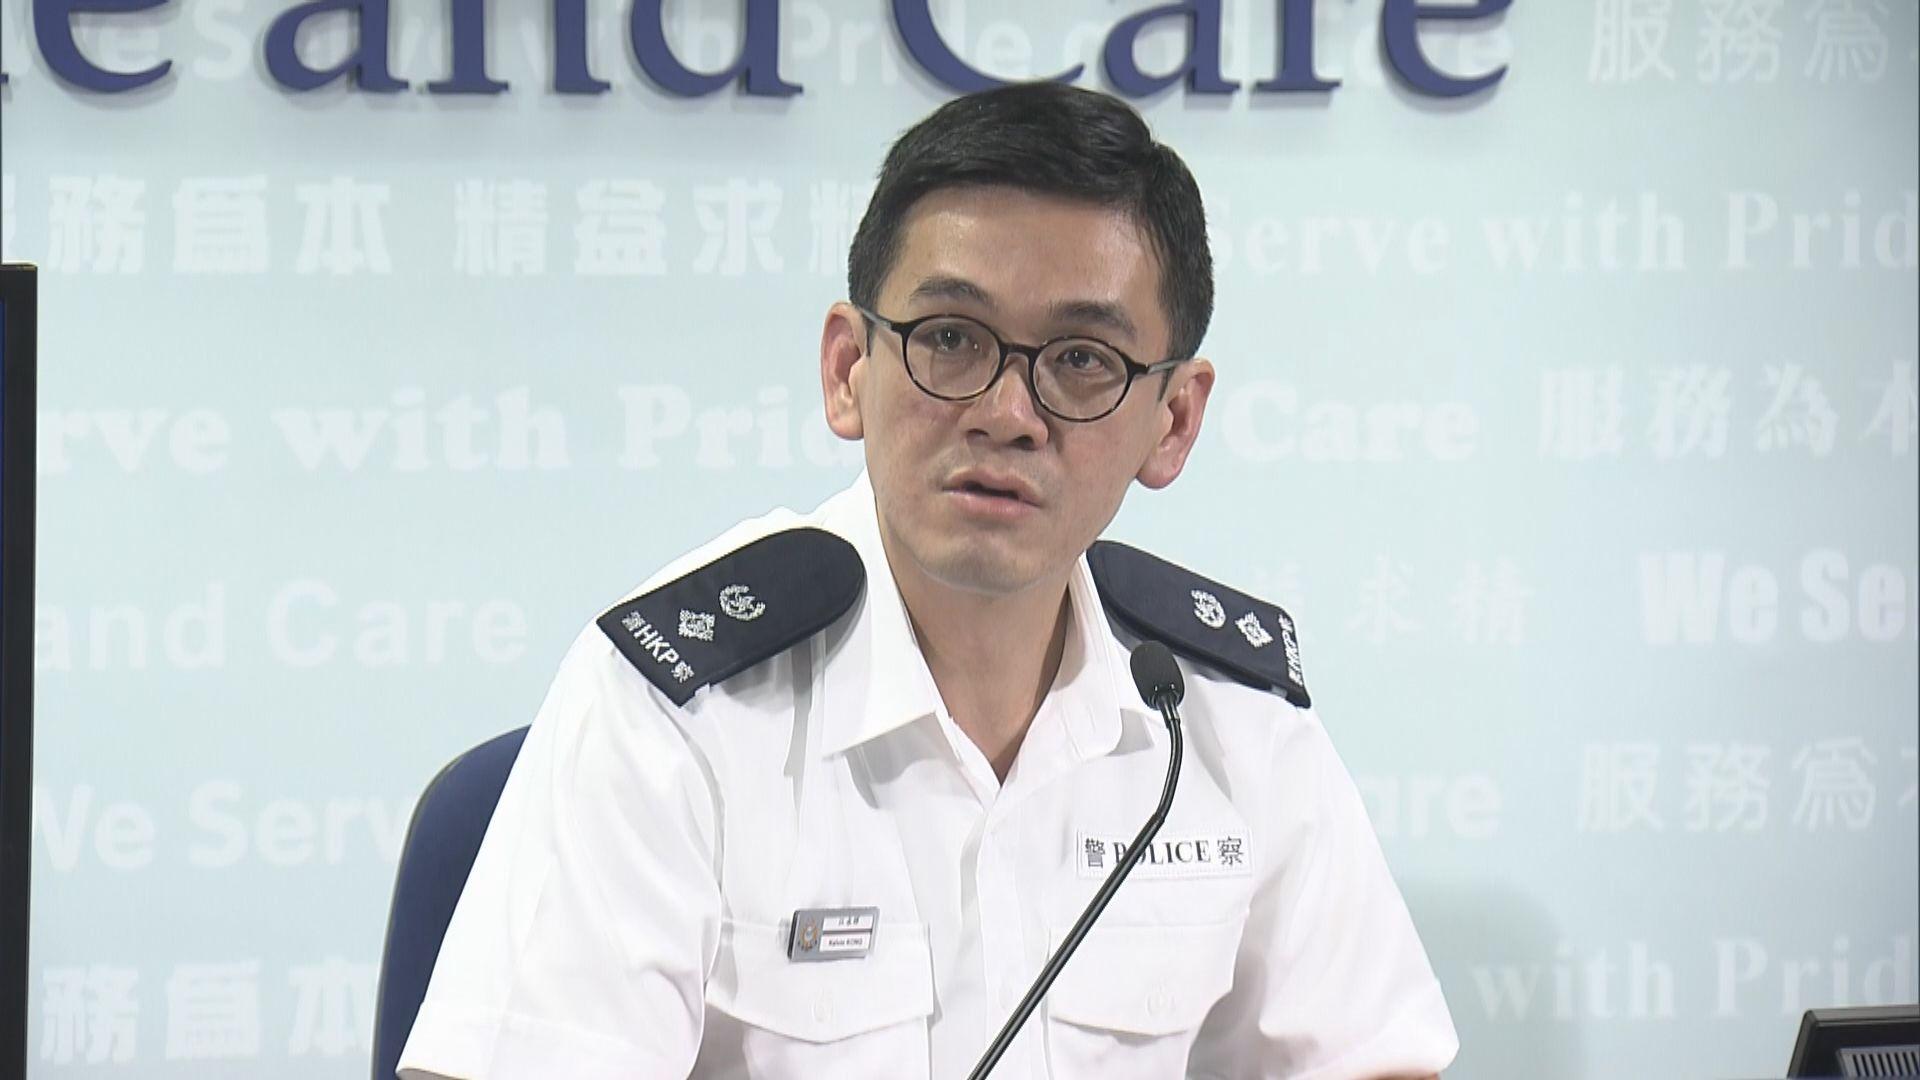 警方 : 公安條例下學校不屬私人地方 有權進入拘捕